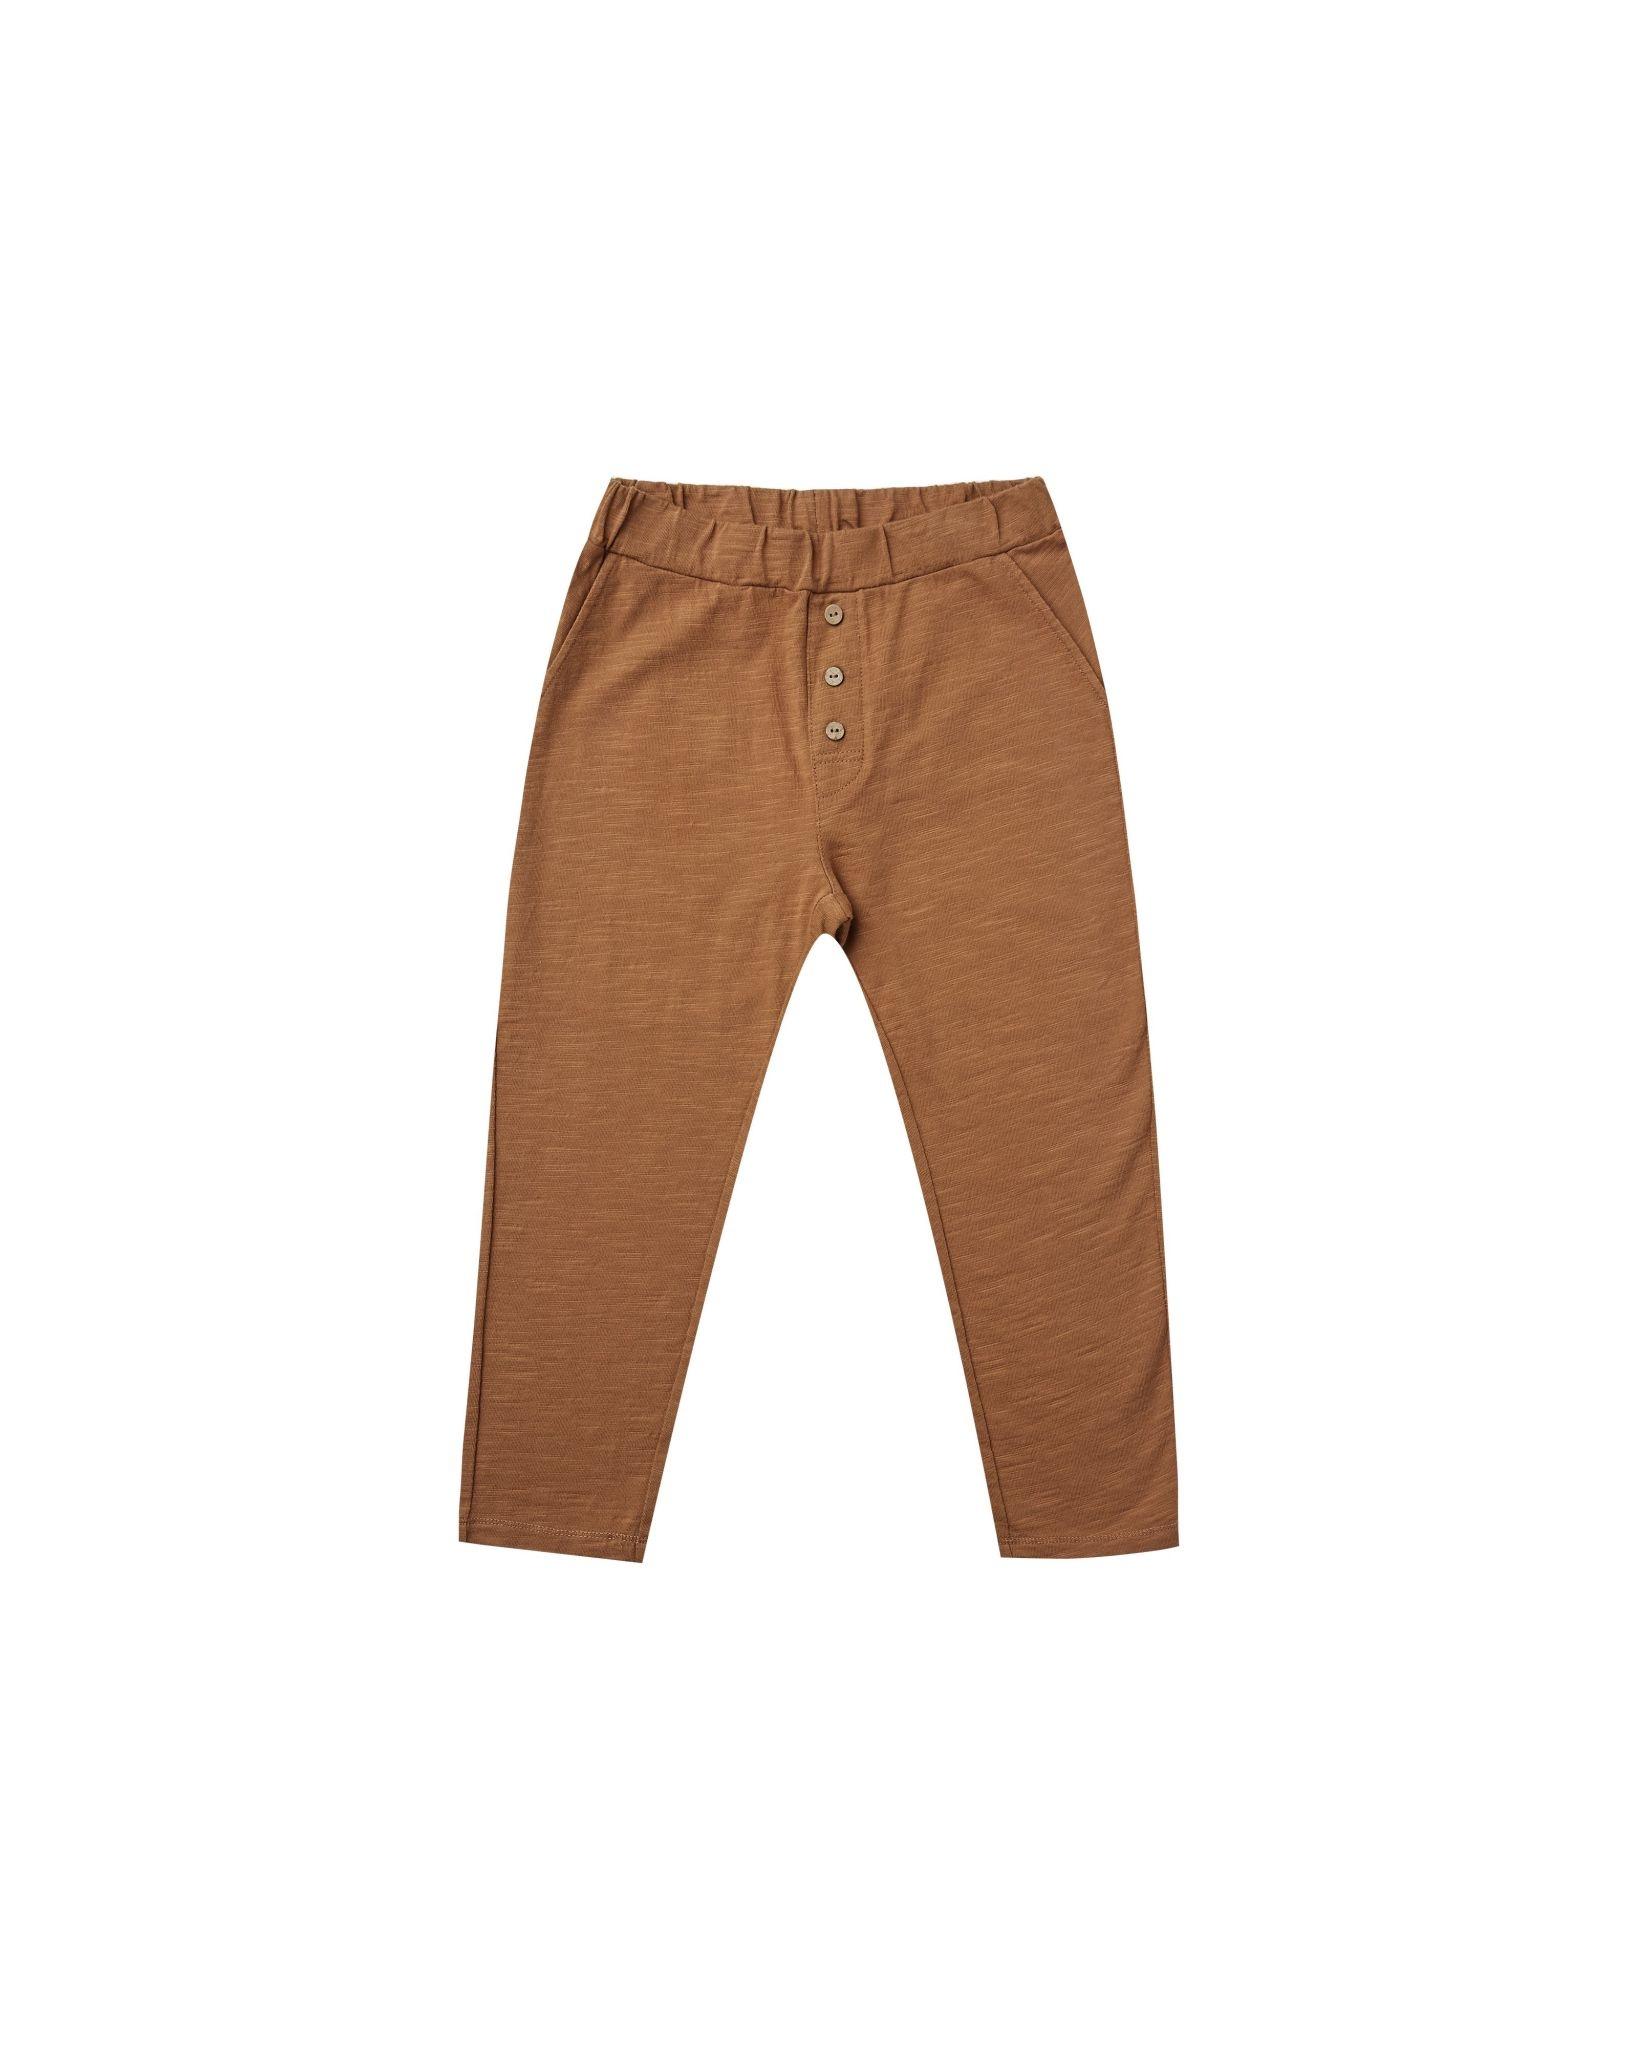 Rylee & Cru Cru Pant - Rust